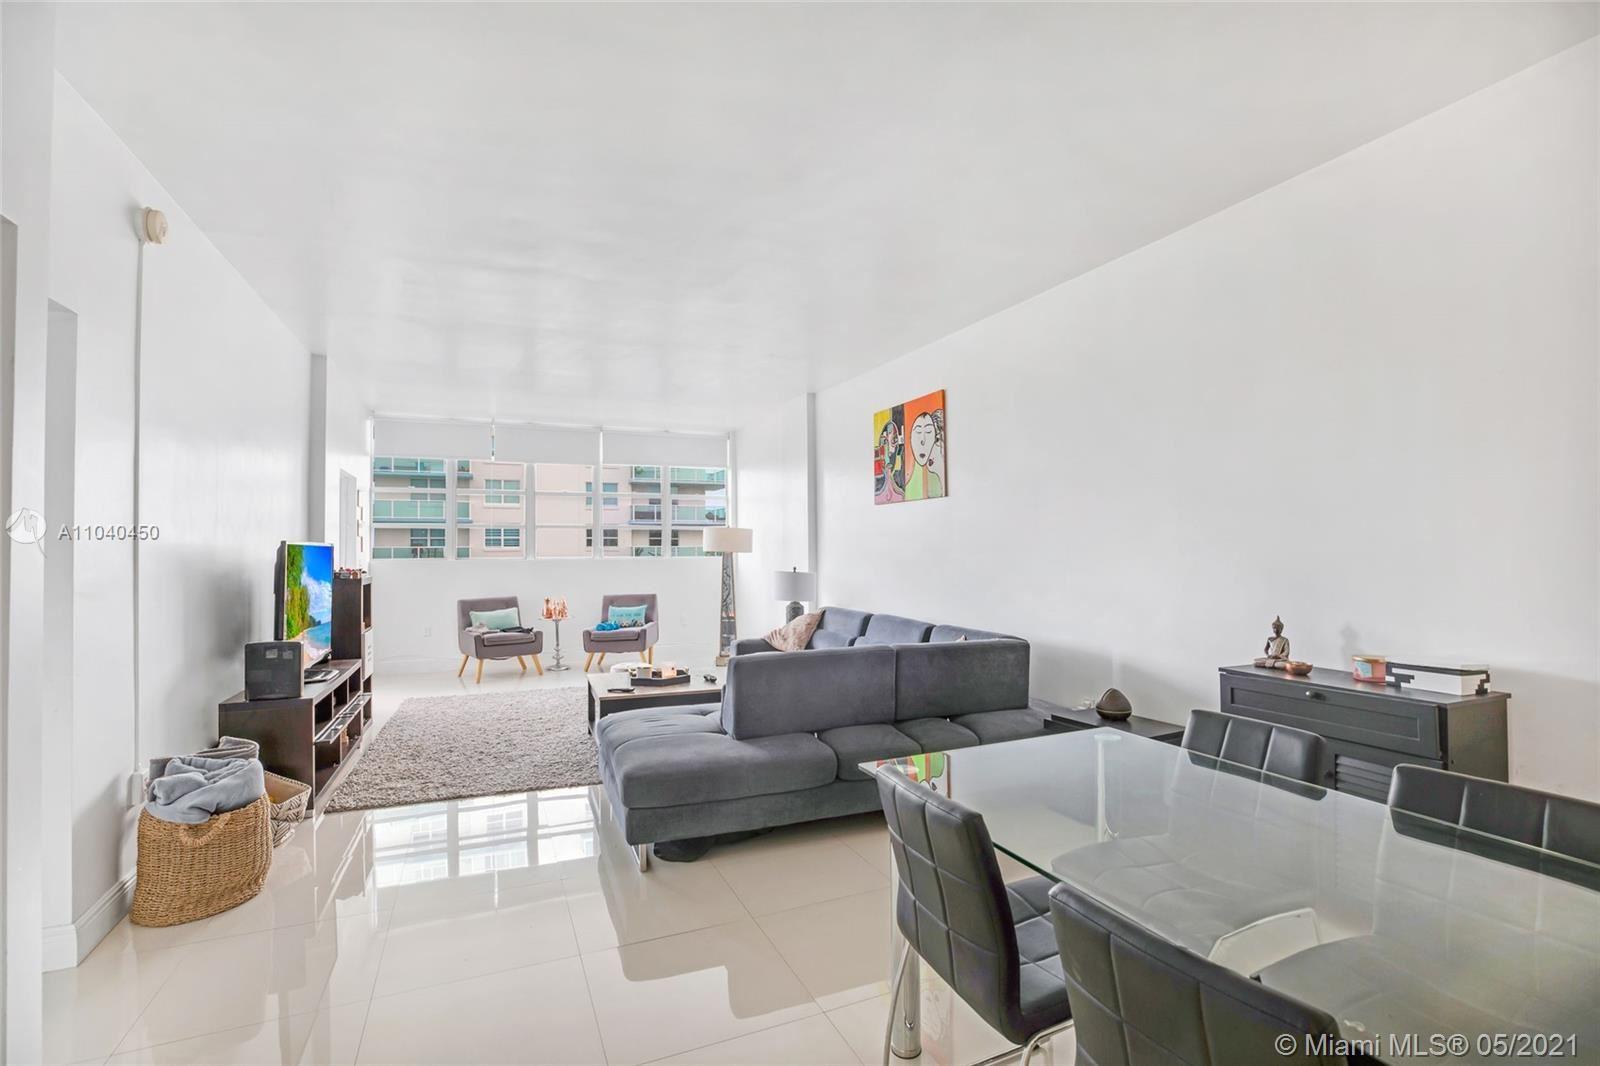 800 West Ave #PH04, Miami Beach, FL 33139 - #: A11040450